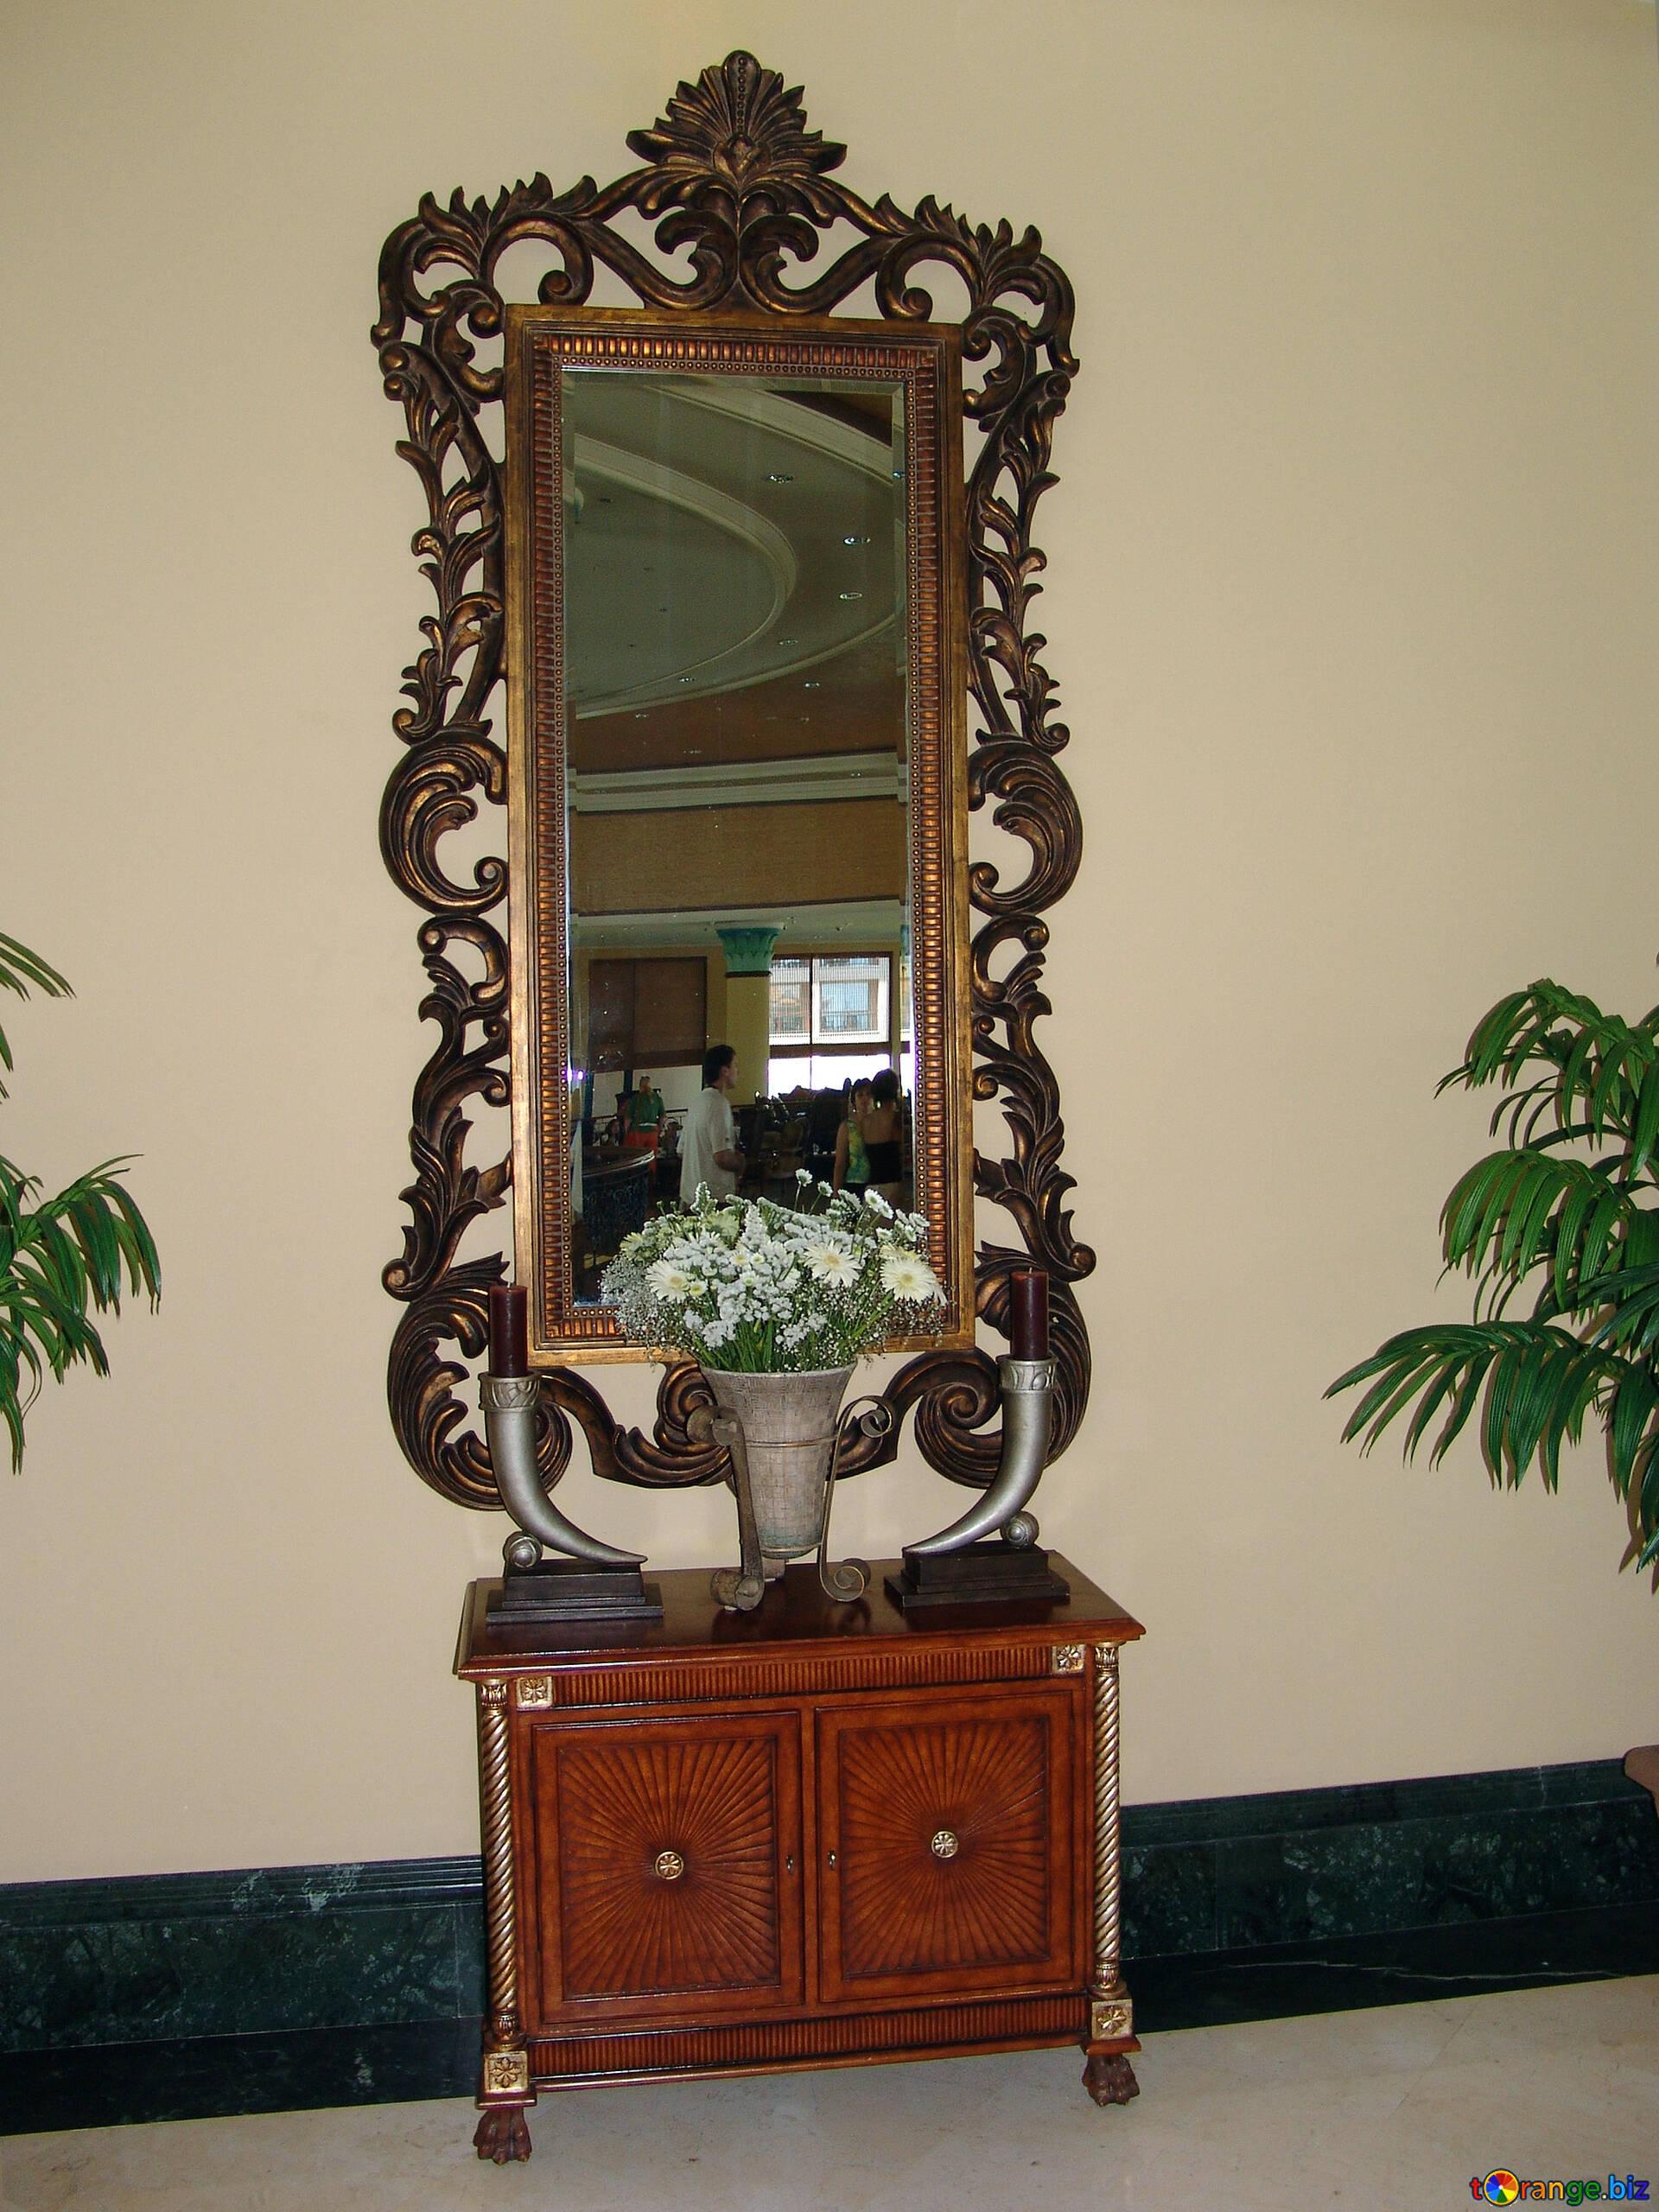 Antique furniture antique mirror  glass № 8319